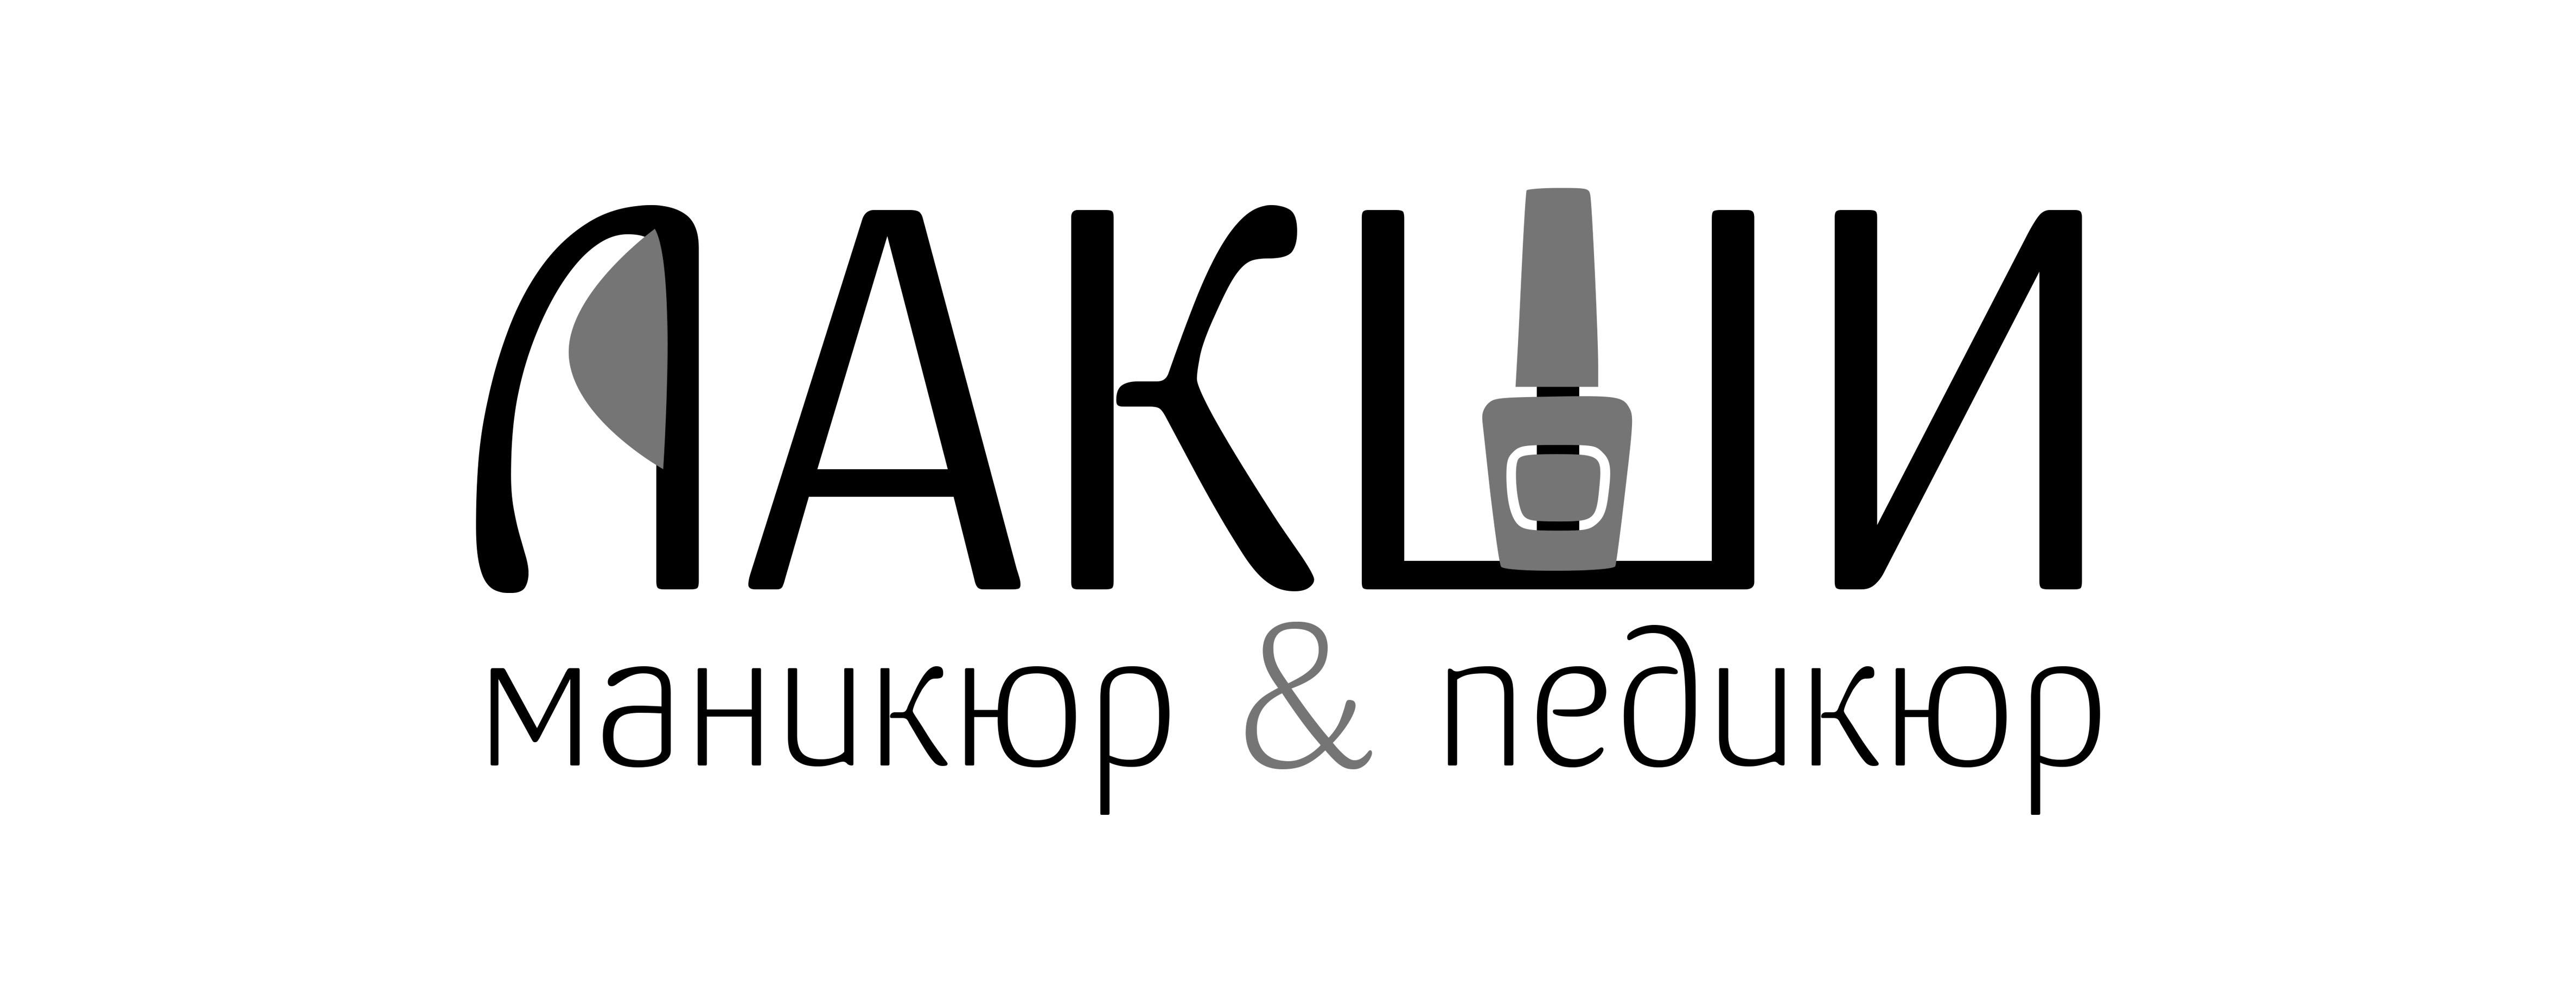 Разработка логотипа фирменного стиля фото f_5955c576e2dc85cc.jpg